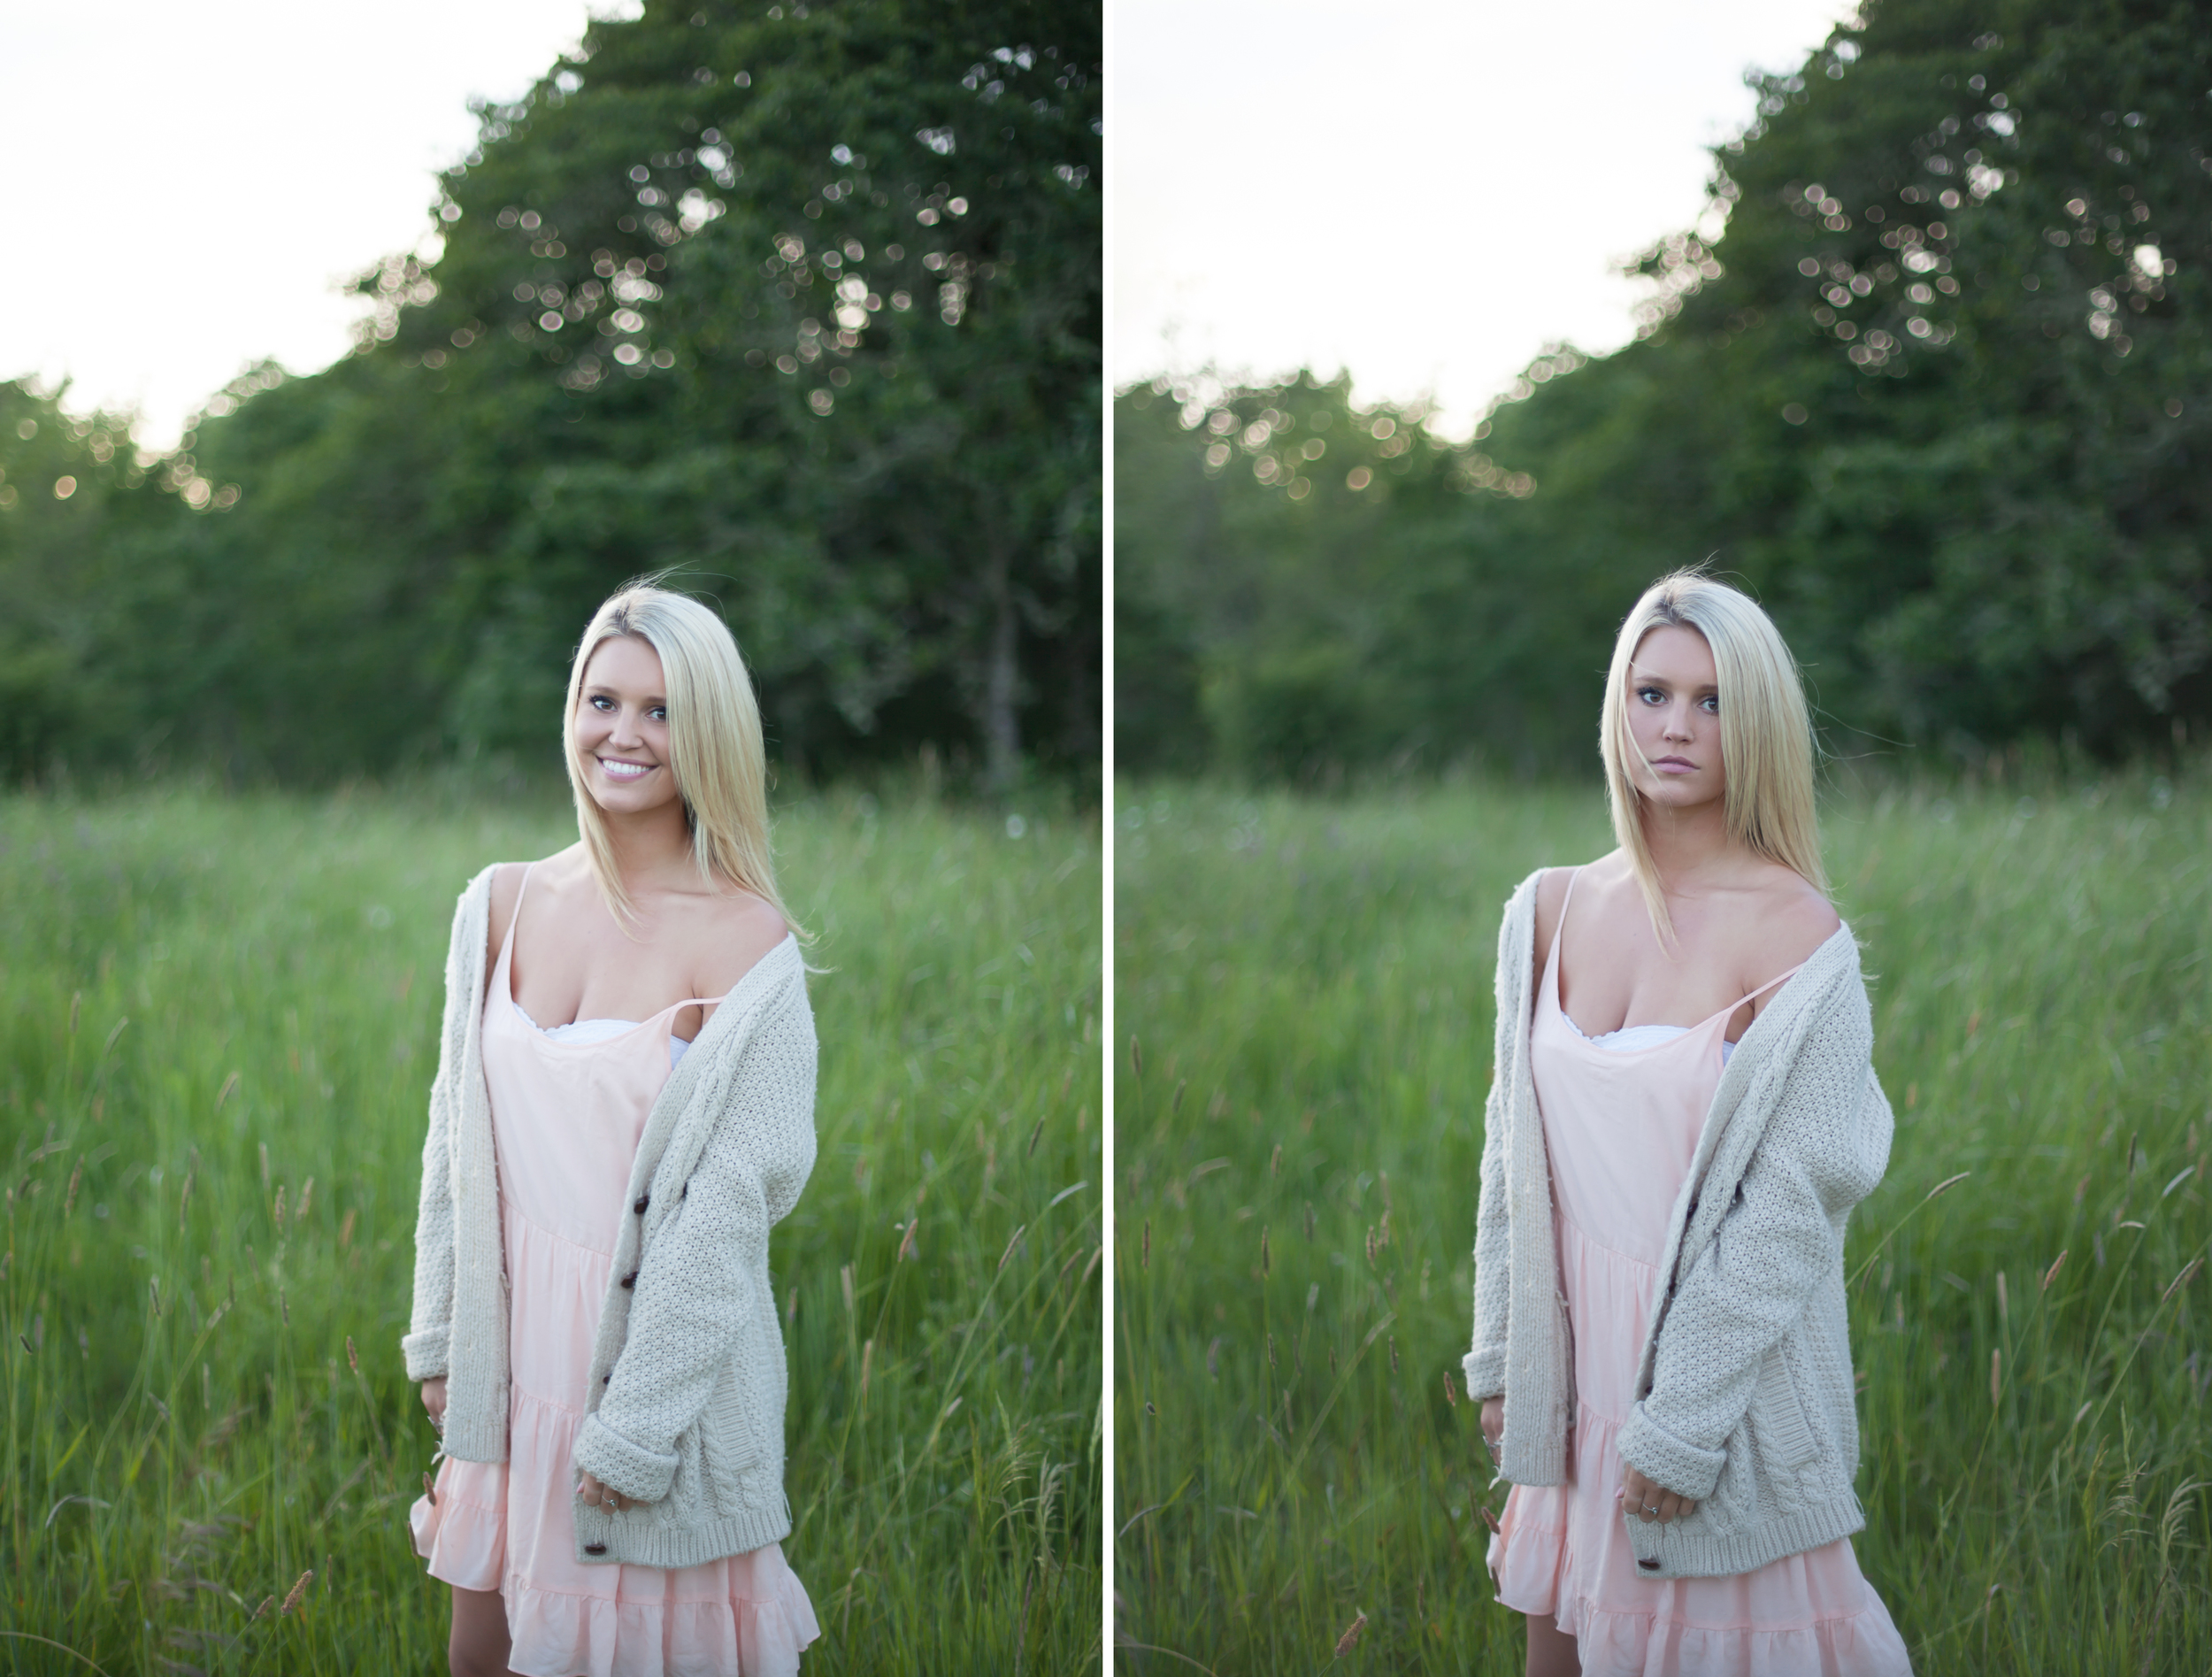 olivia_ashton_photography_kelsey14